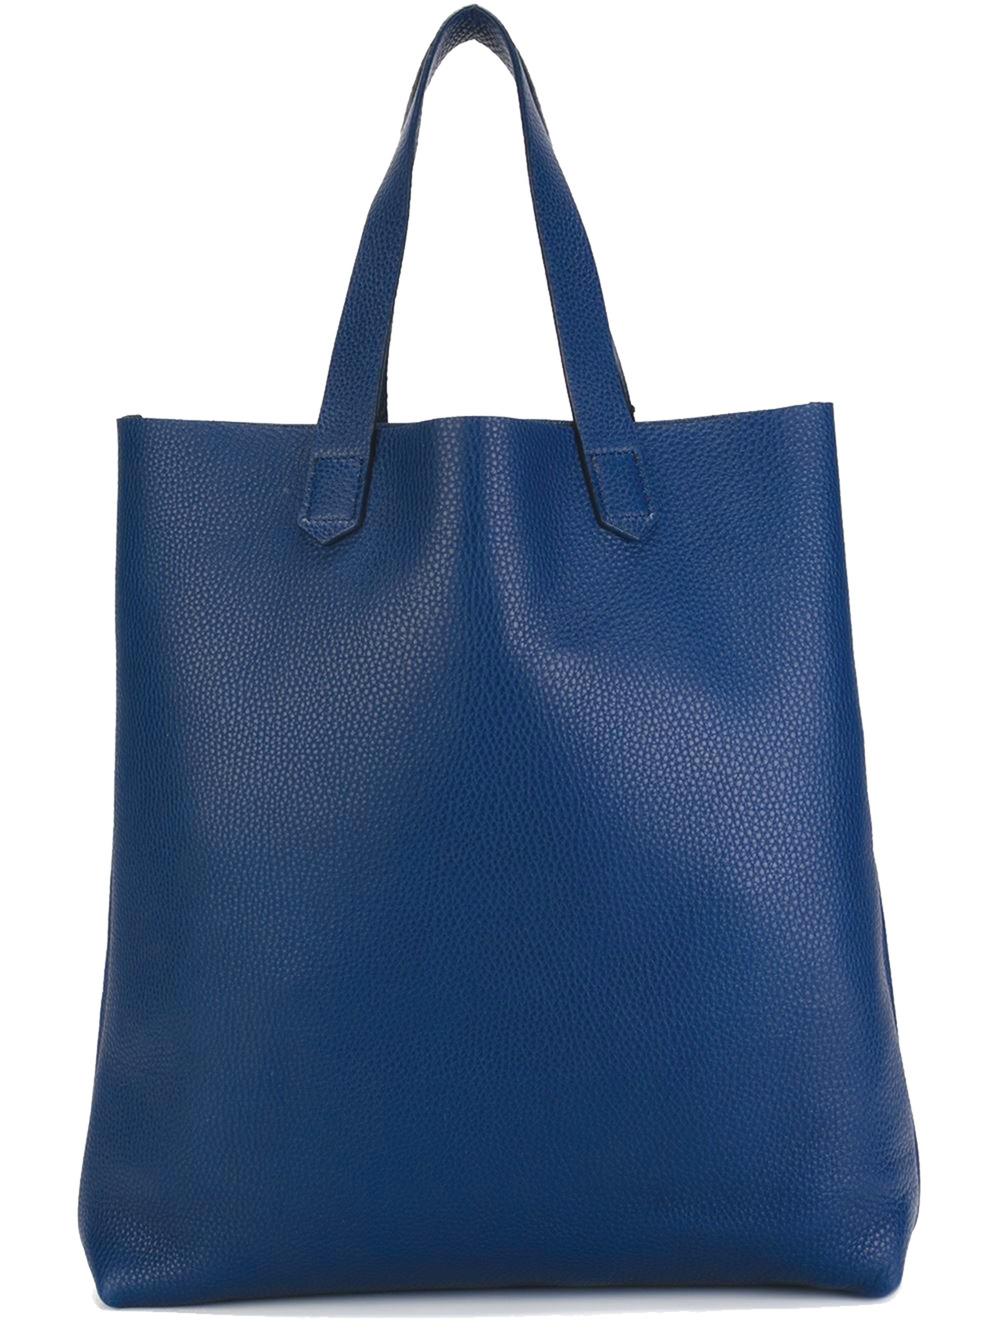 Soulland 'Shoplifter' Tote Bag $399